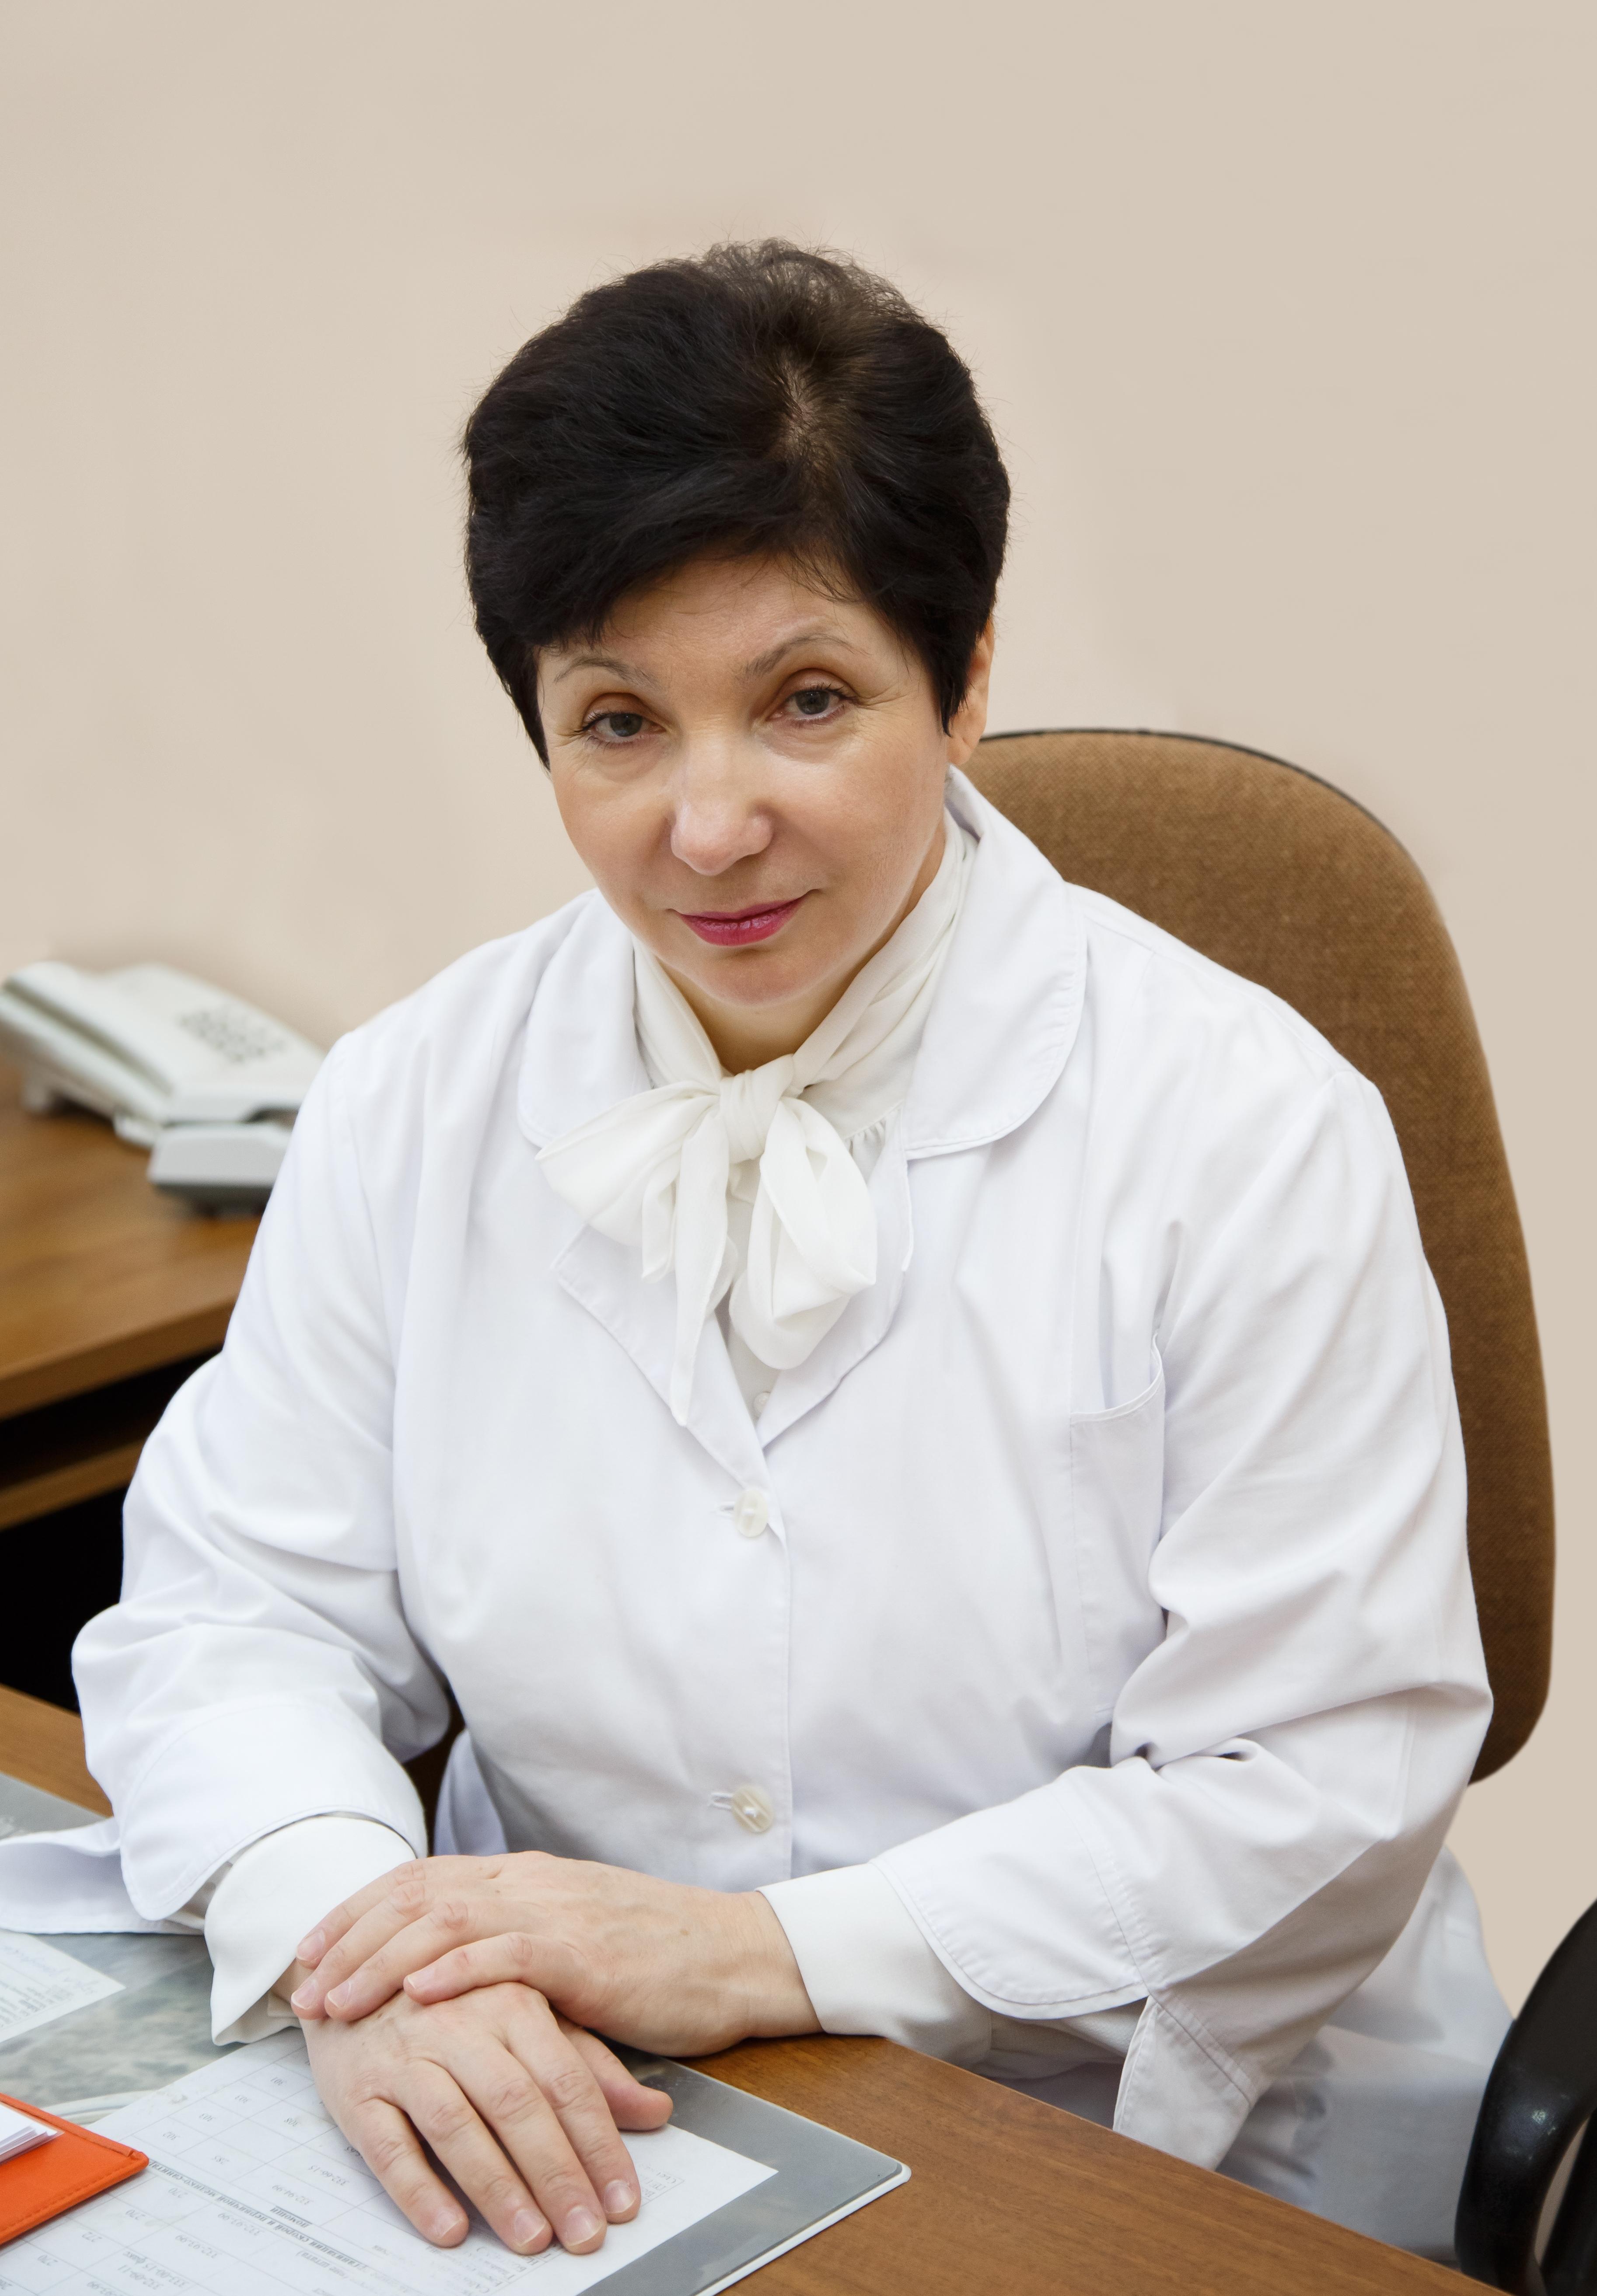 Работа вакансии москва больницы государственные